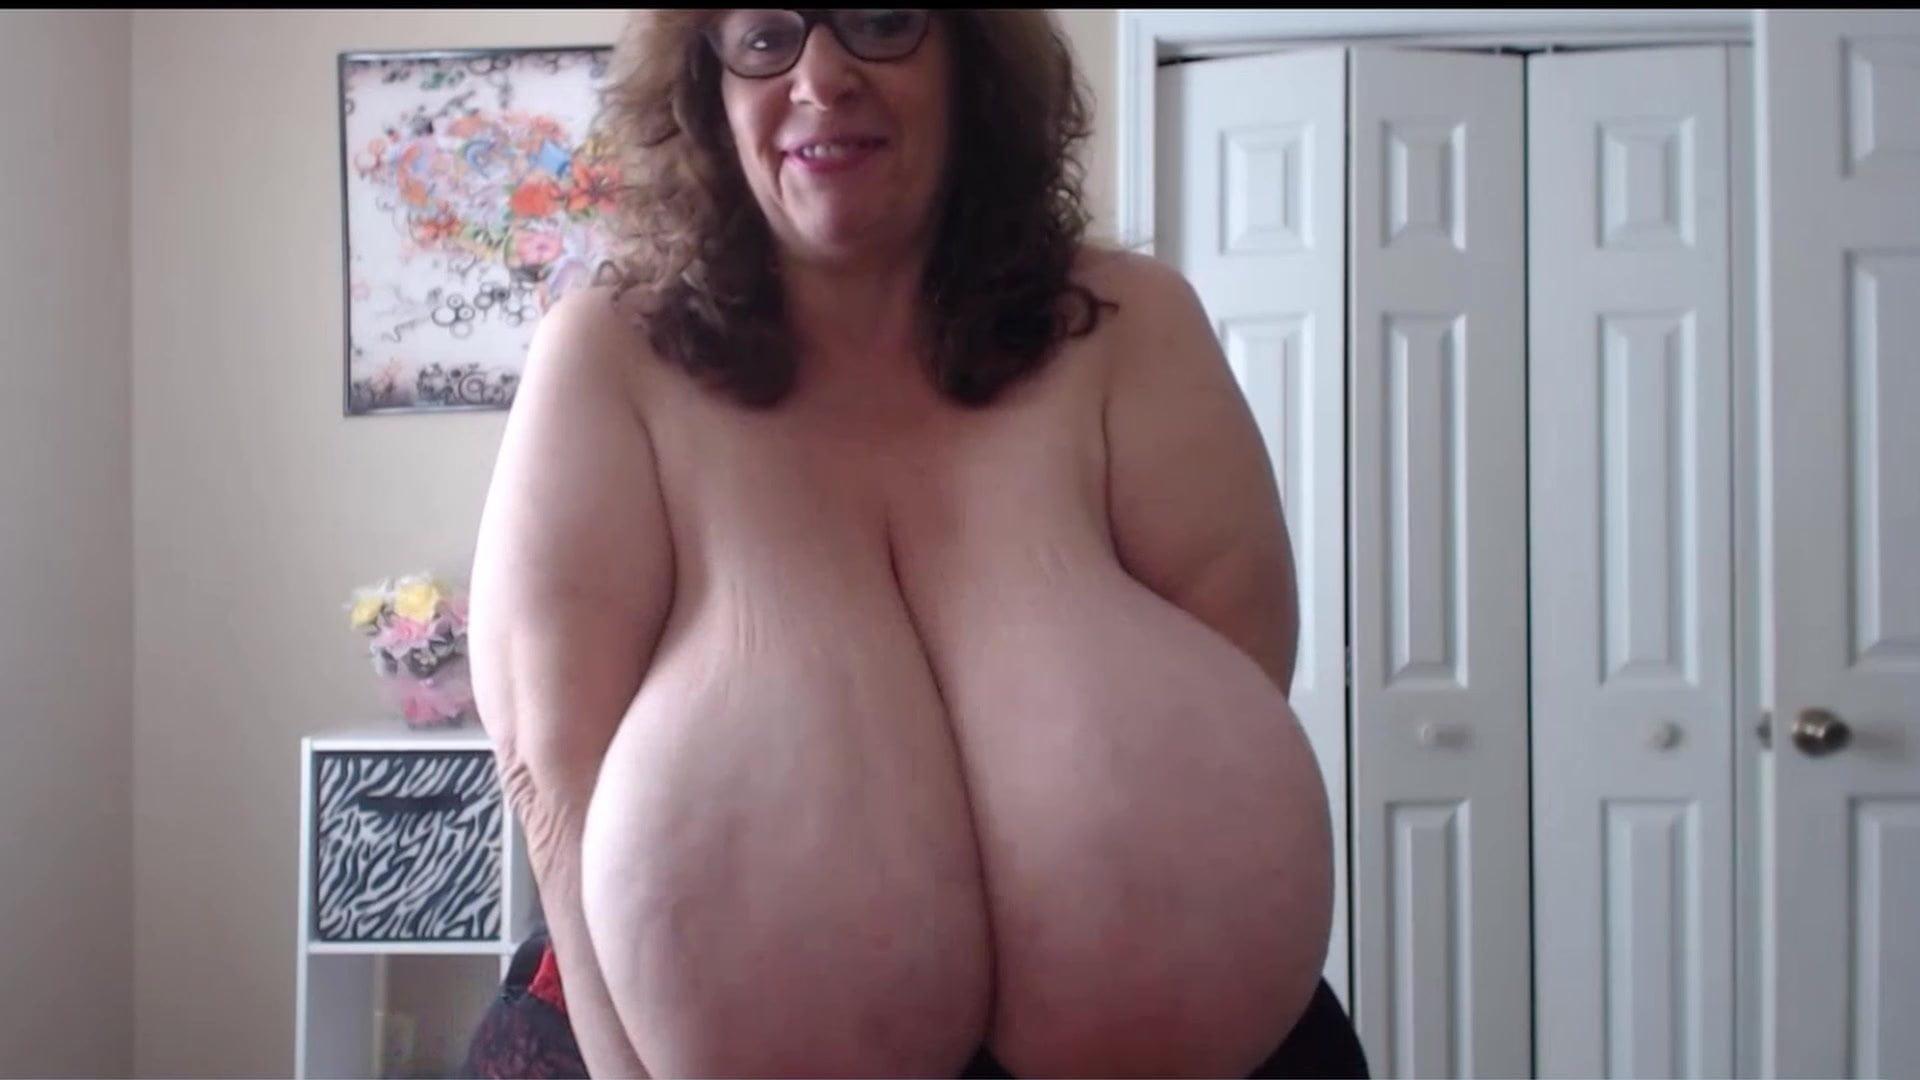 Natural big tits porn videos